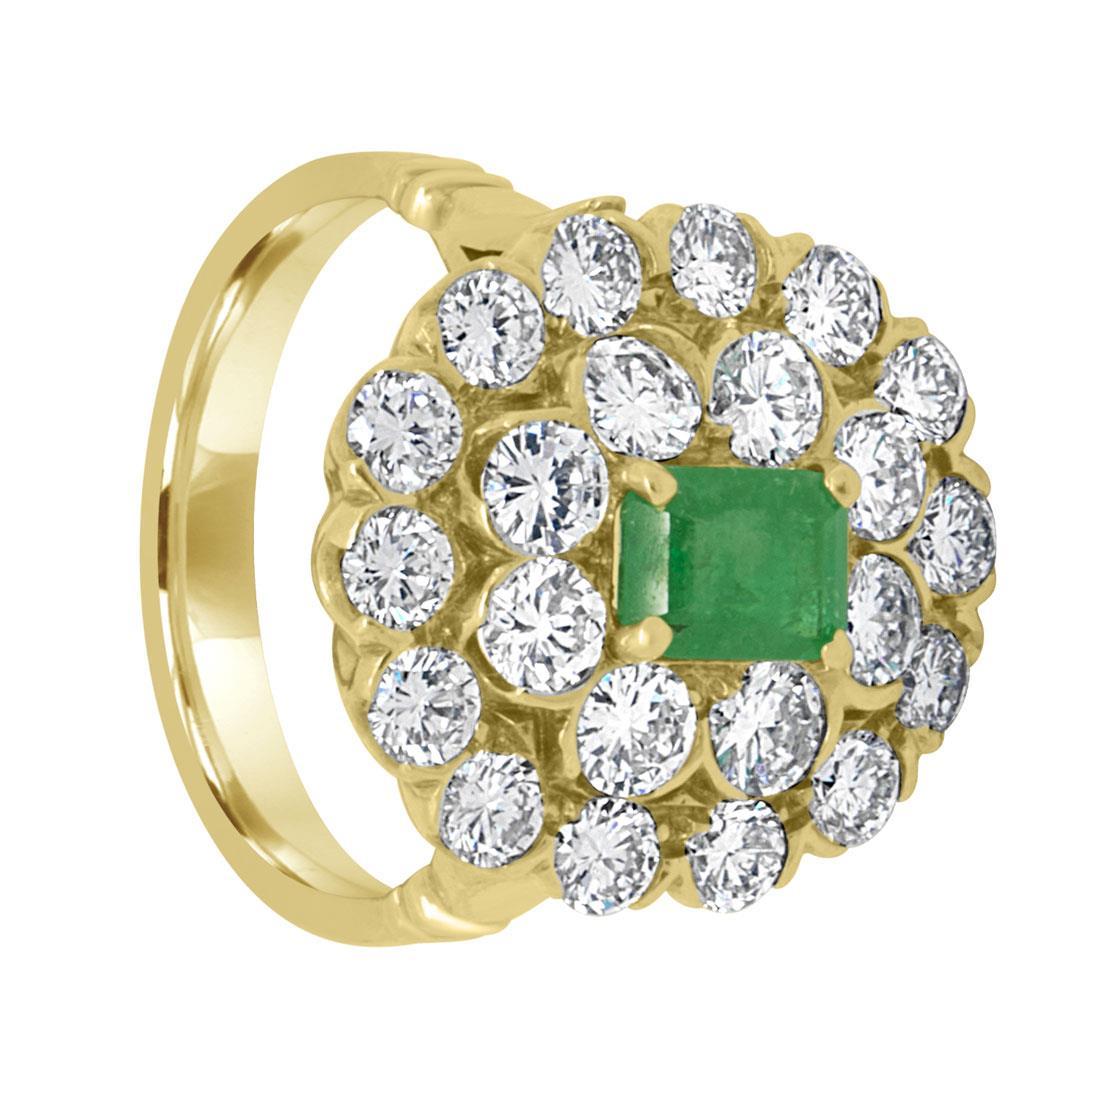 Anello design con diamanti ct. 2,22 e smeraldo - ALFIERI & ST. JOHN